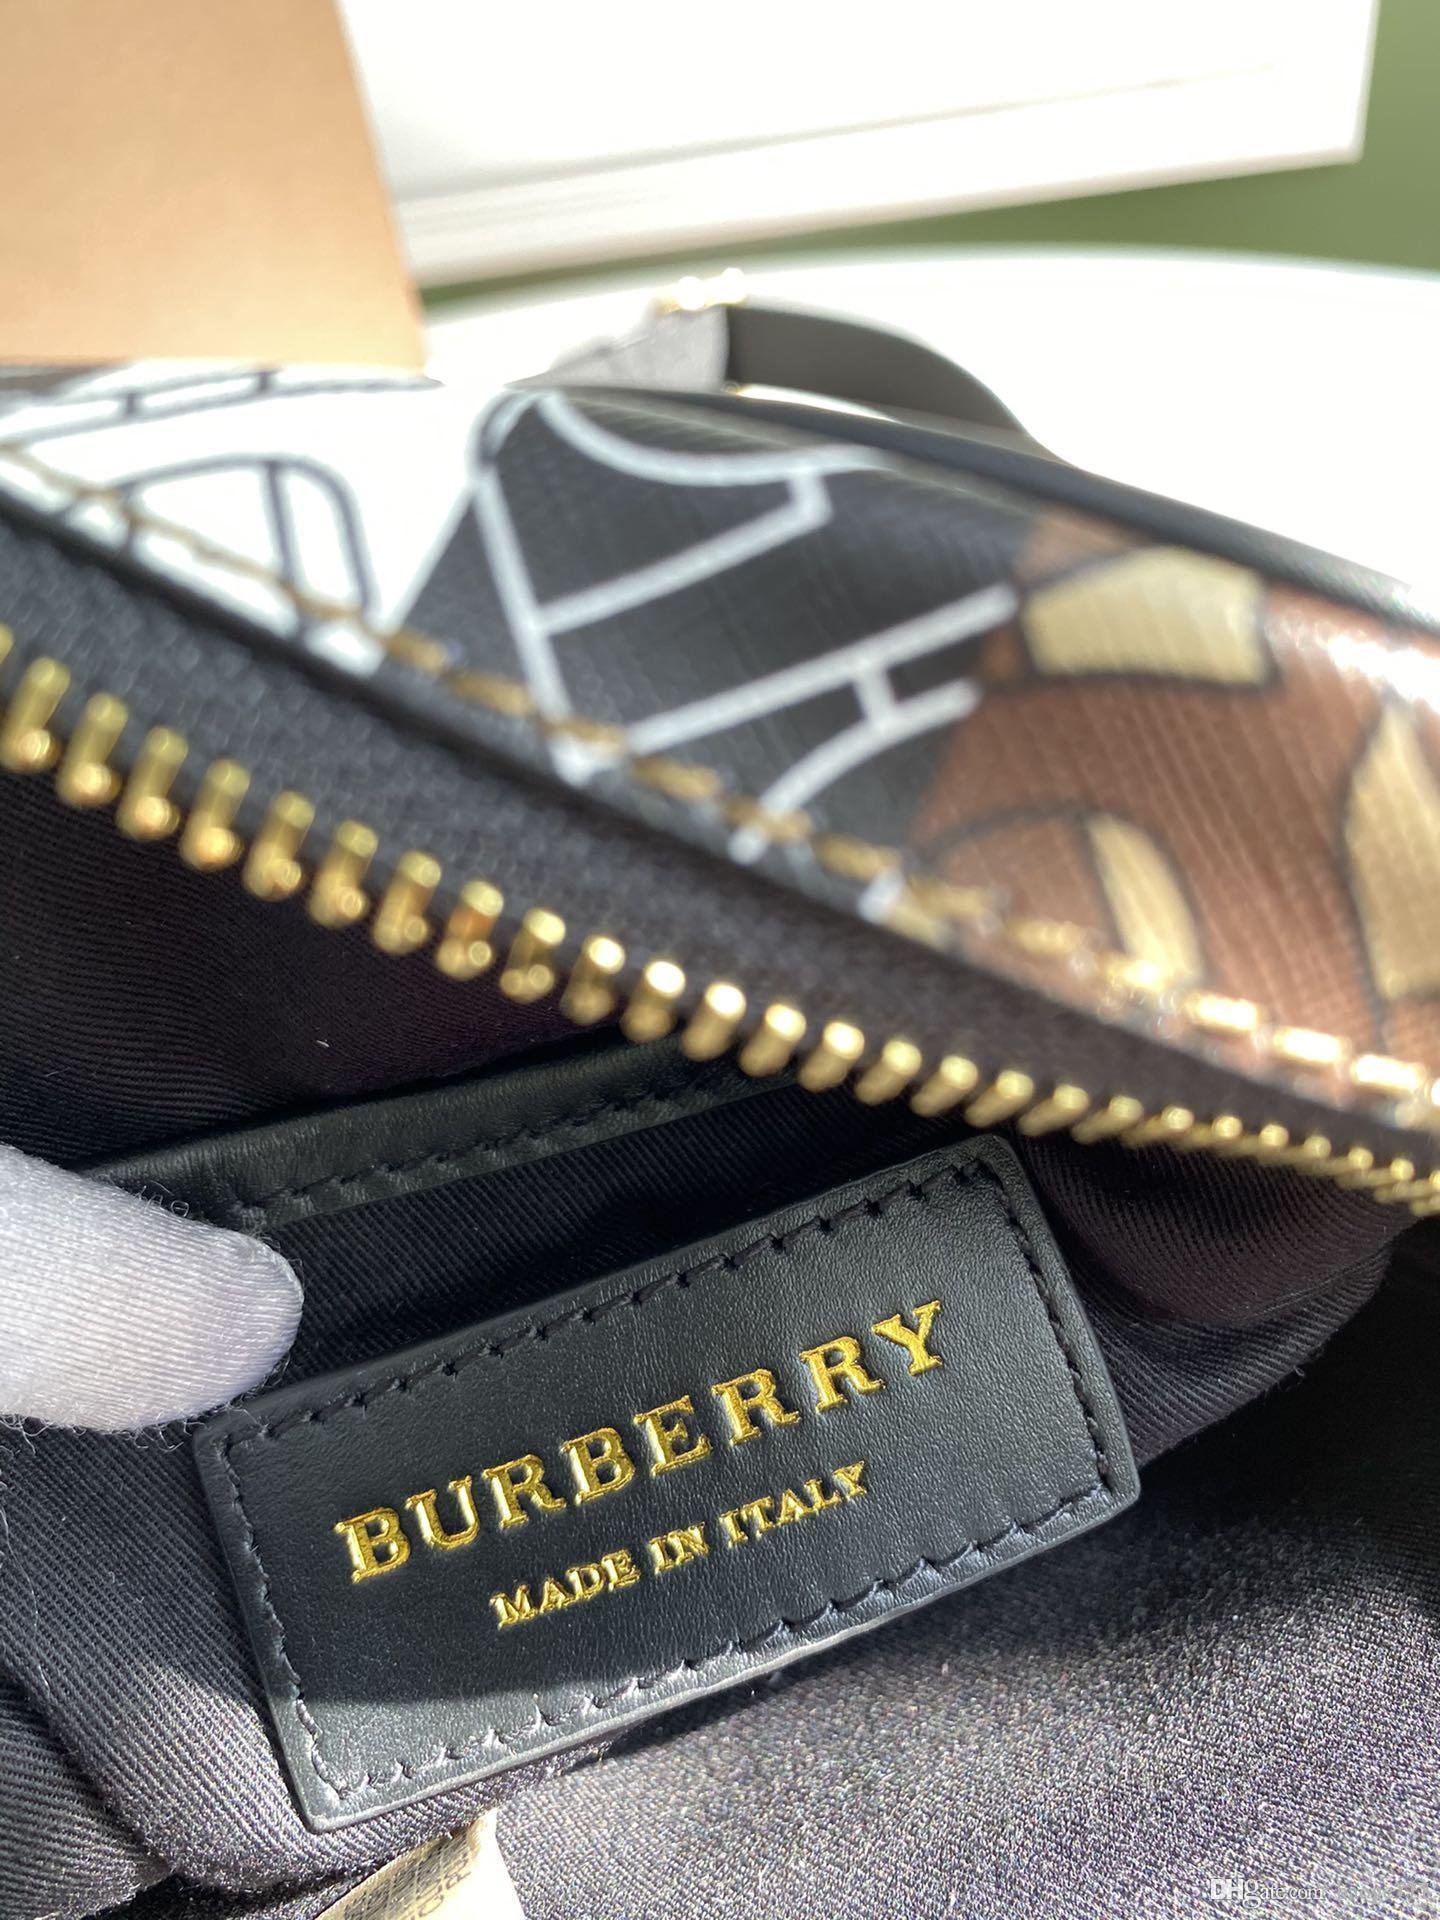 горячая 2020 теперь последняя сумка на плечо, сумочка, рюкзак, поясная сумка, дорожные сумки, качество, идеальная модель: 114 размер 17-6-22см